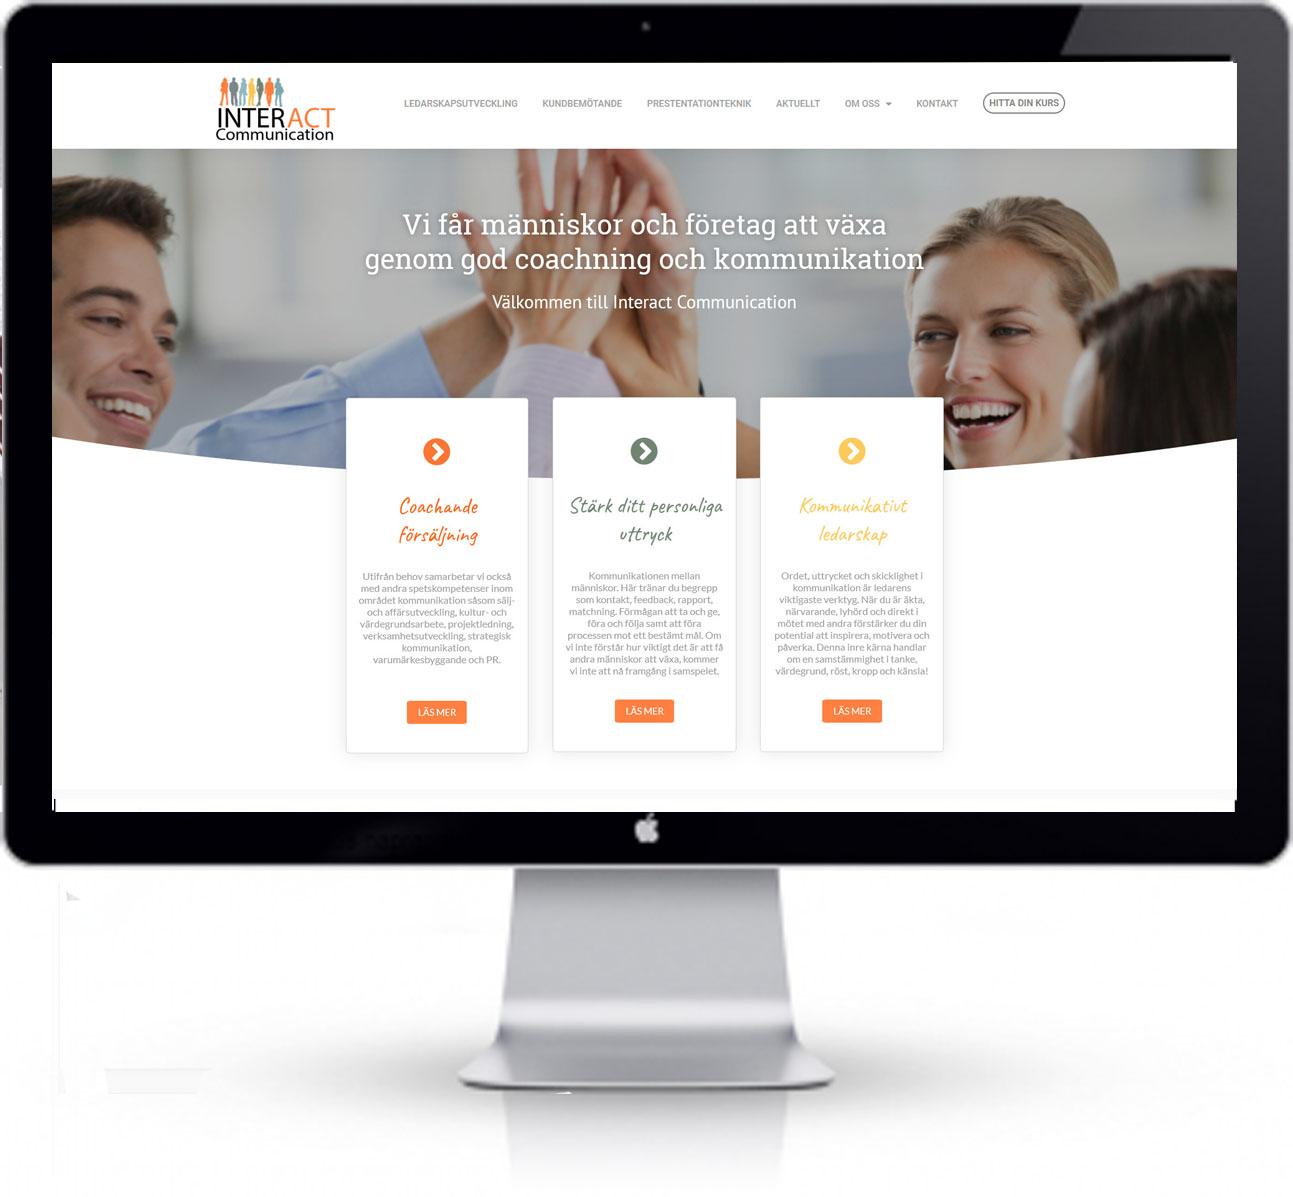 interactcom